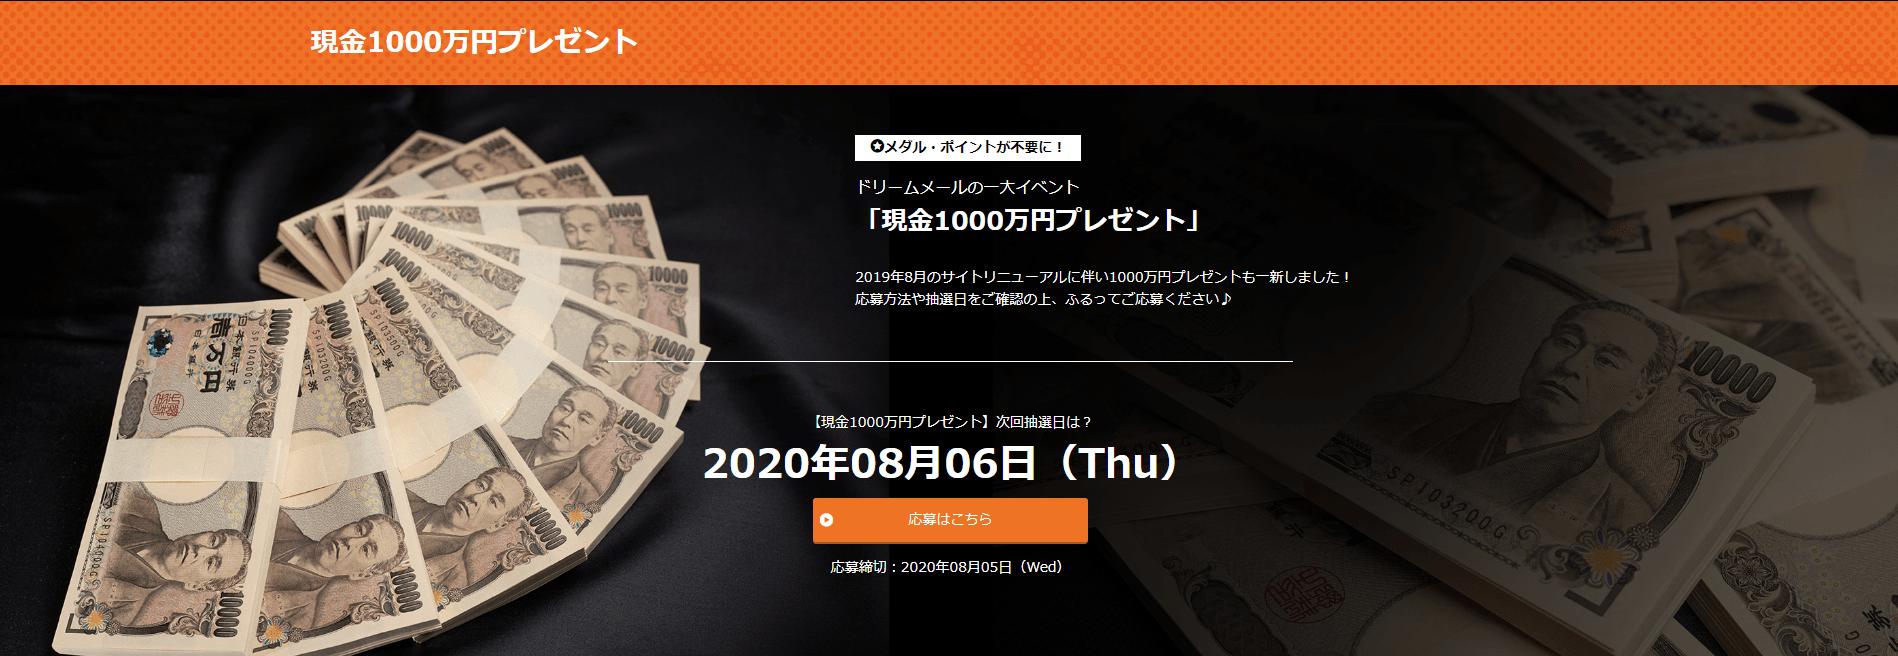 現金1000万円プレゼント